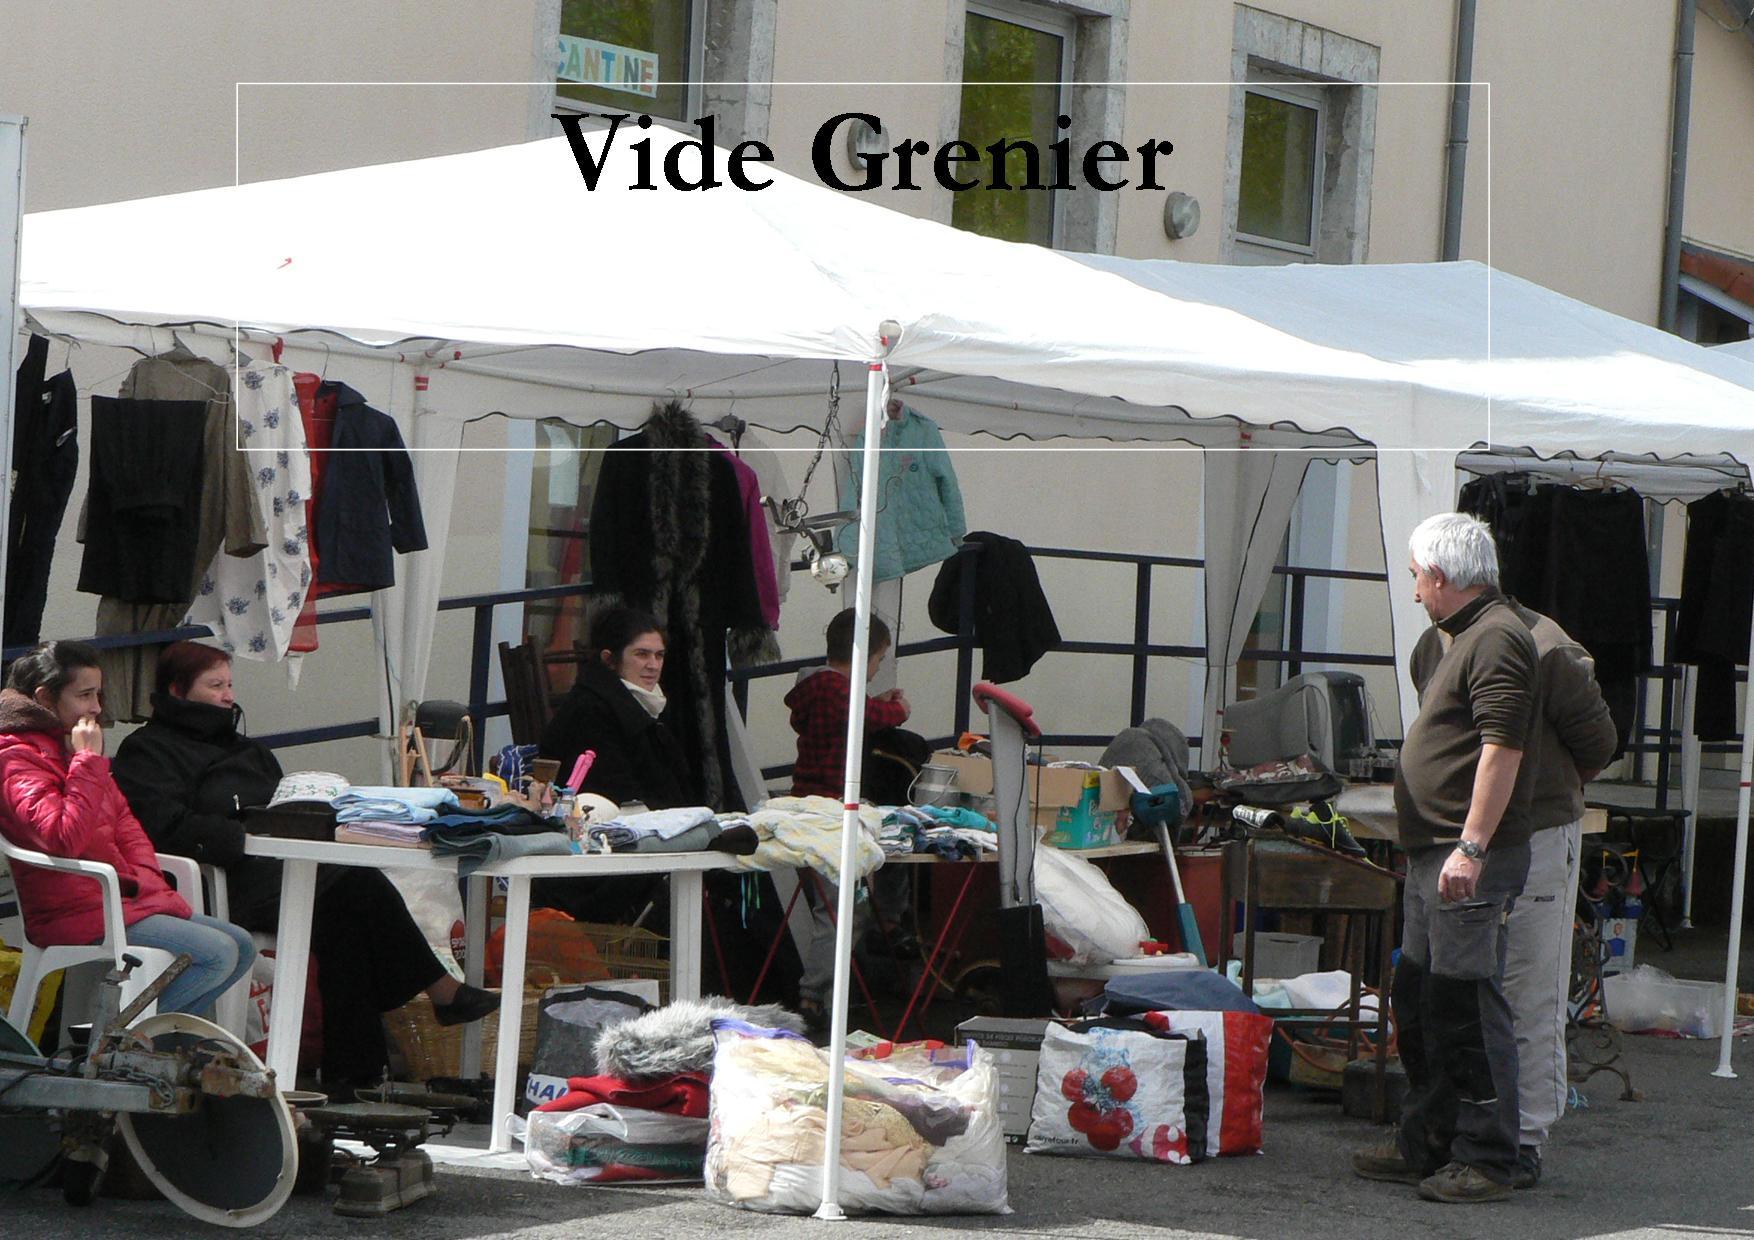 2014 Avril  :  Izaut-de-l'Hôtel. Vide grenier et bourse (La Dépêche du Midi)